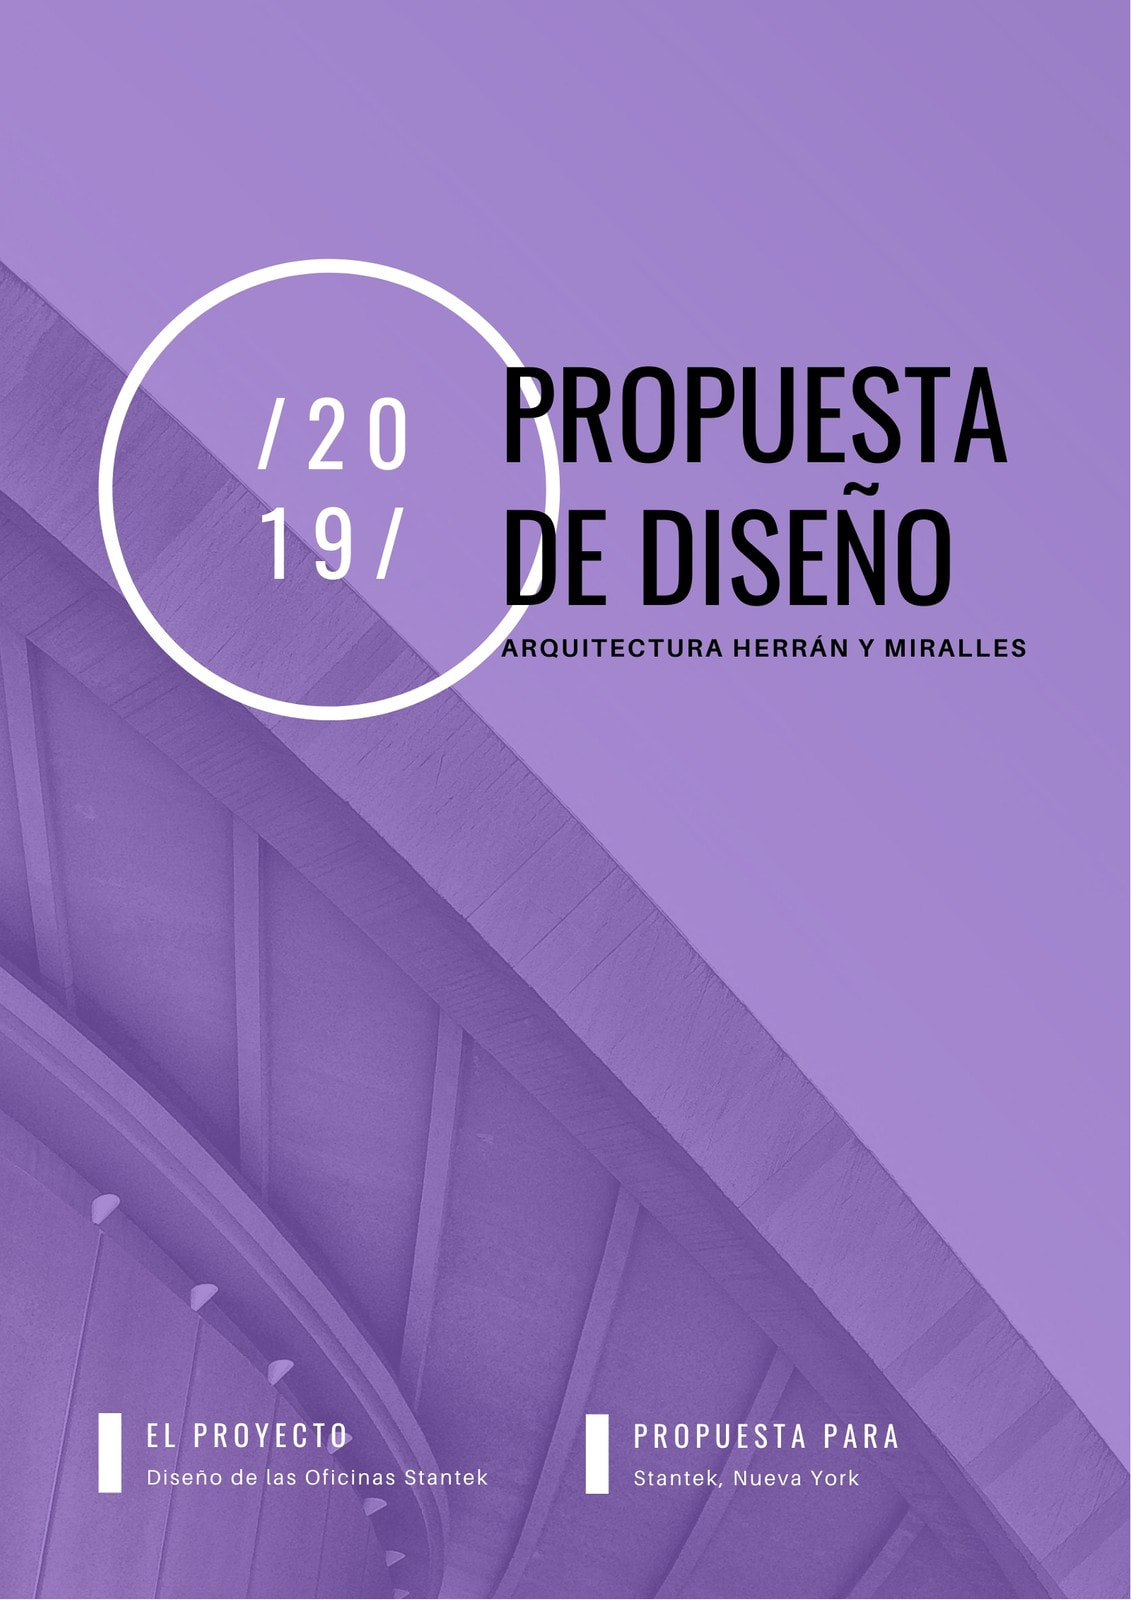 Púrpura Simple Corporativo Foto General Propuesta